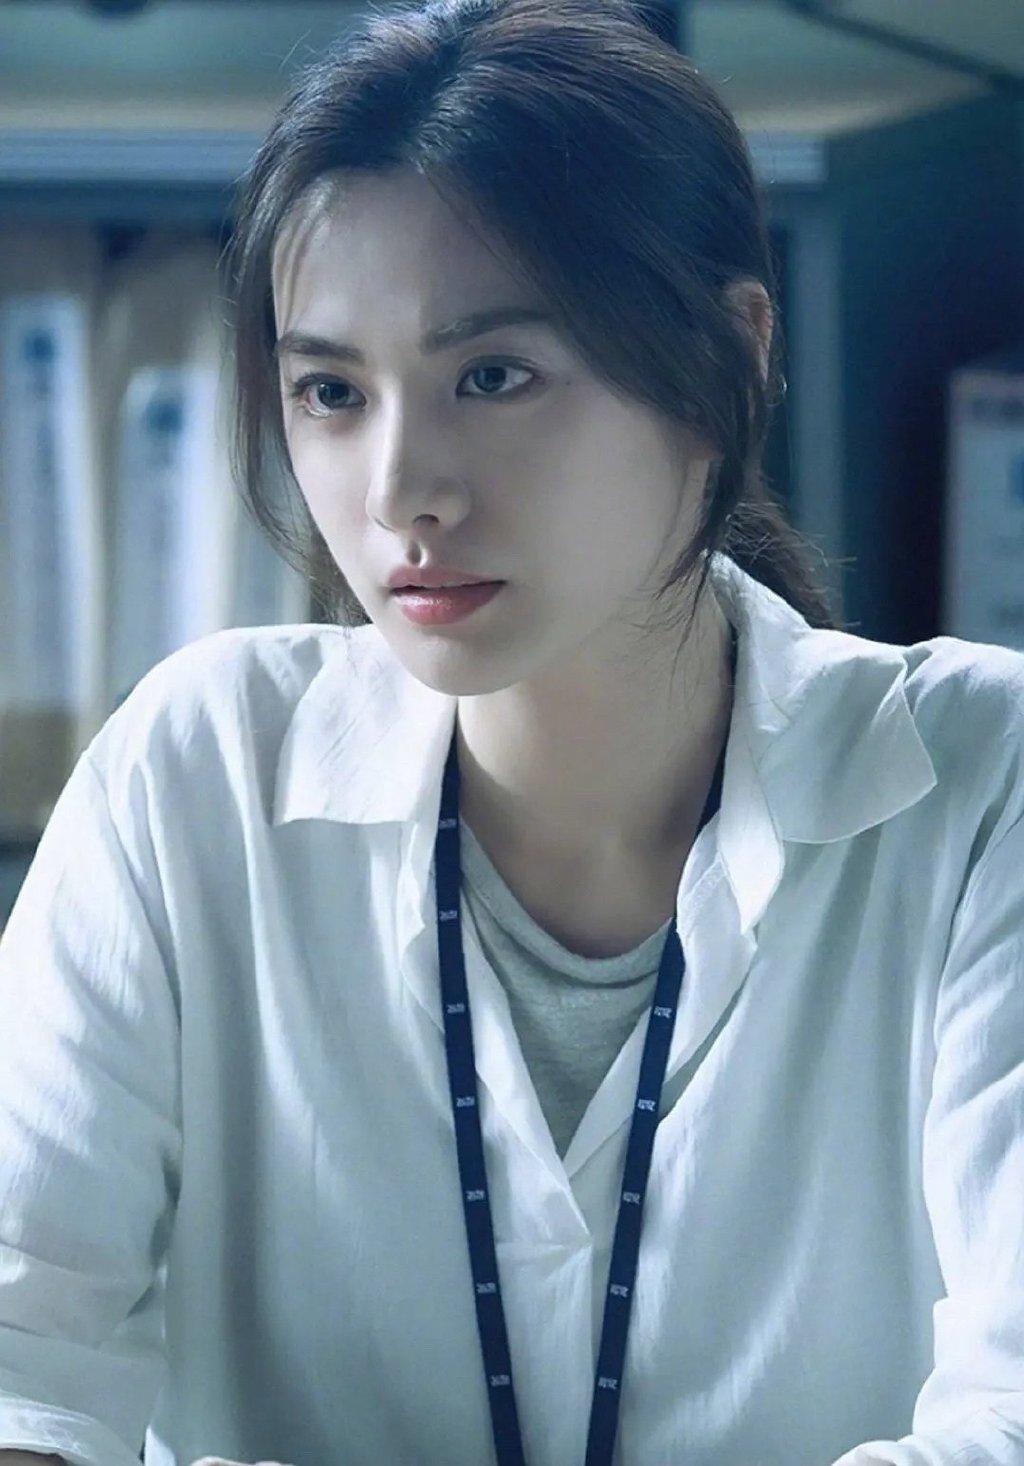 林珍娜,连续两次全球百大最美面孔第一 